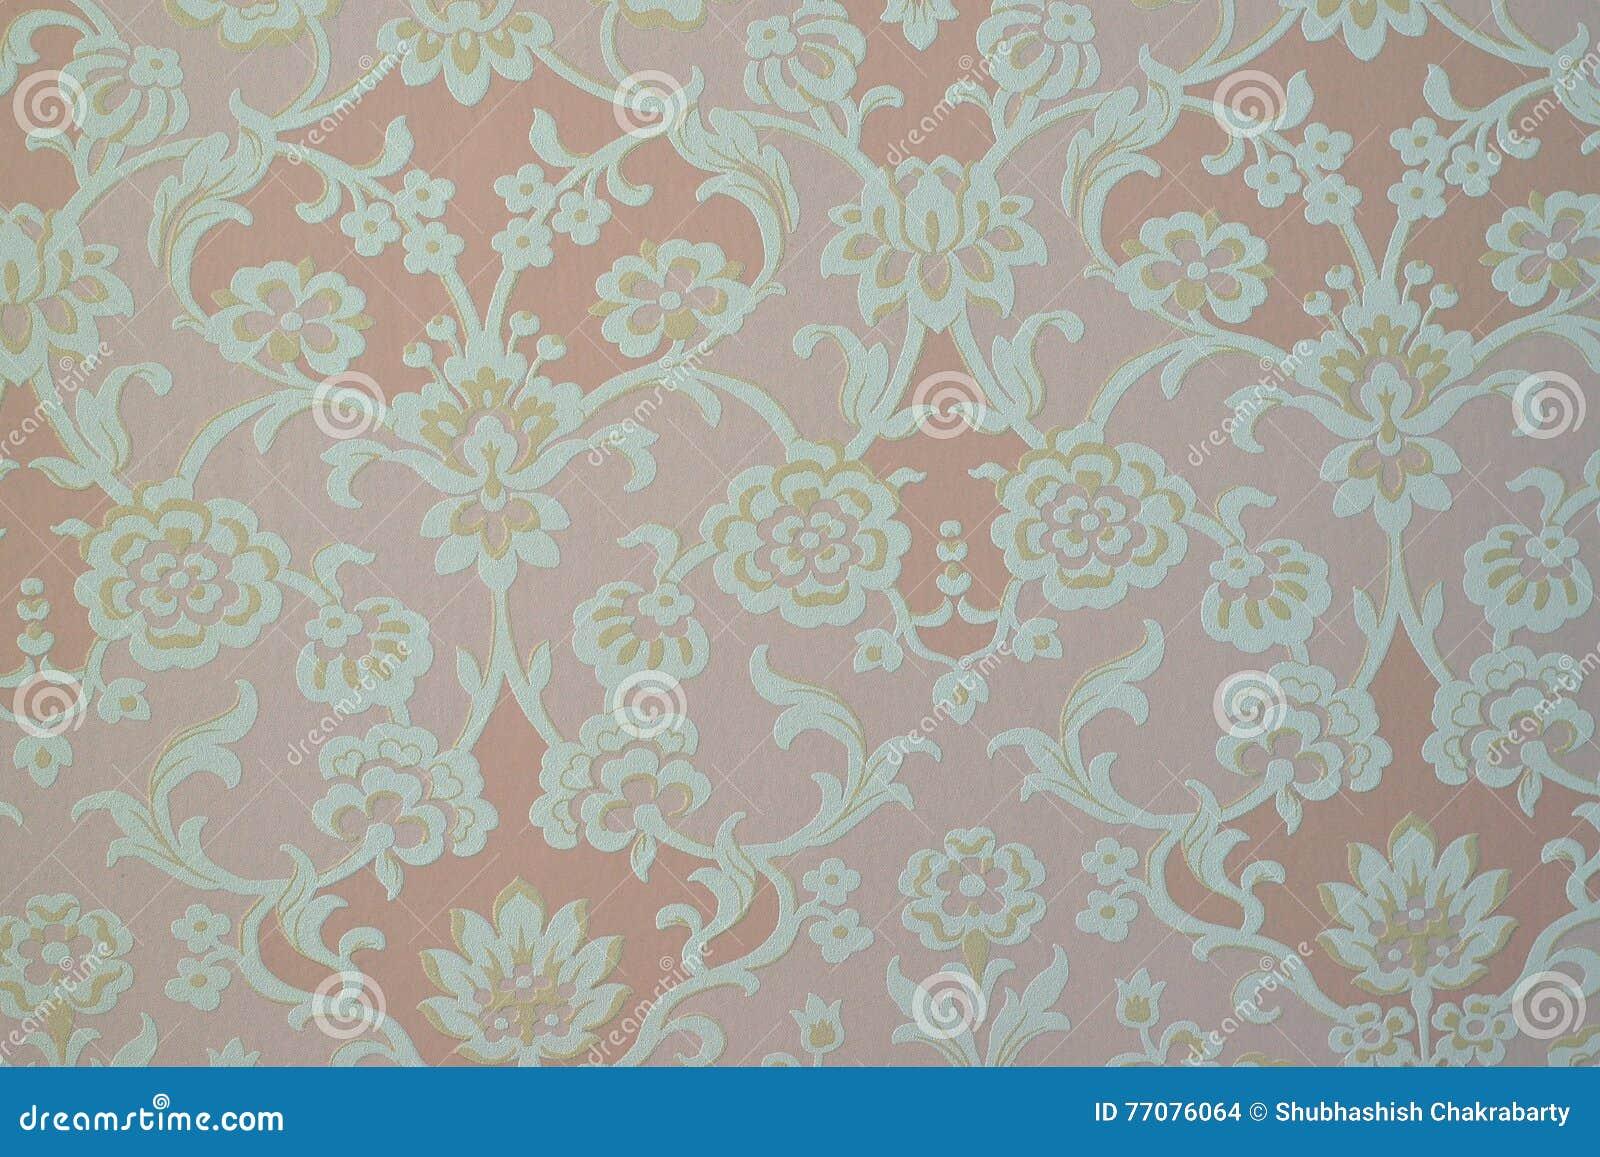 Papel Pintado Floral Suave De La Decoraci N De La Textura